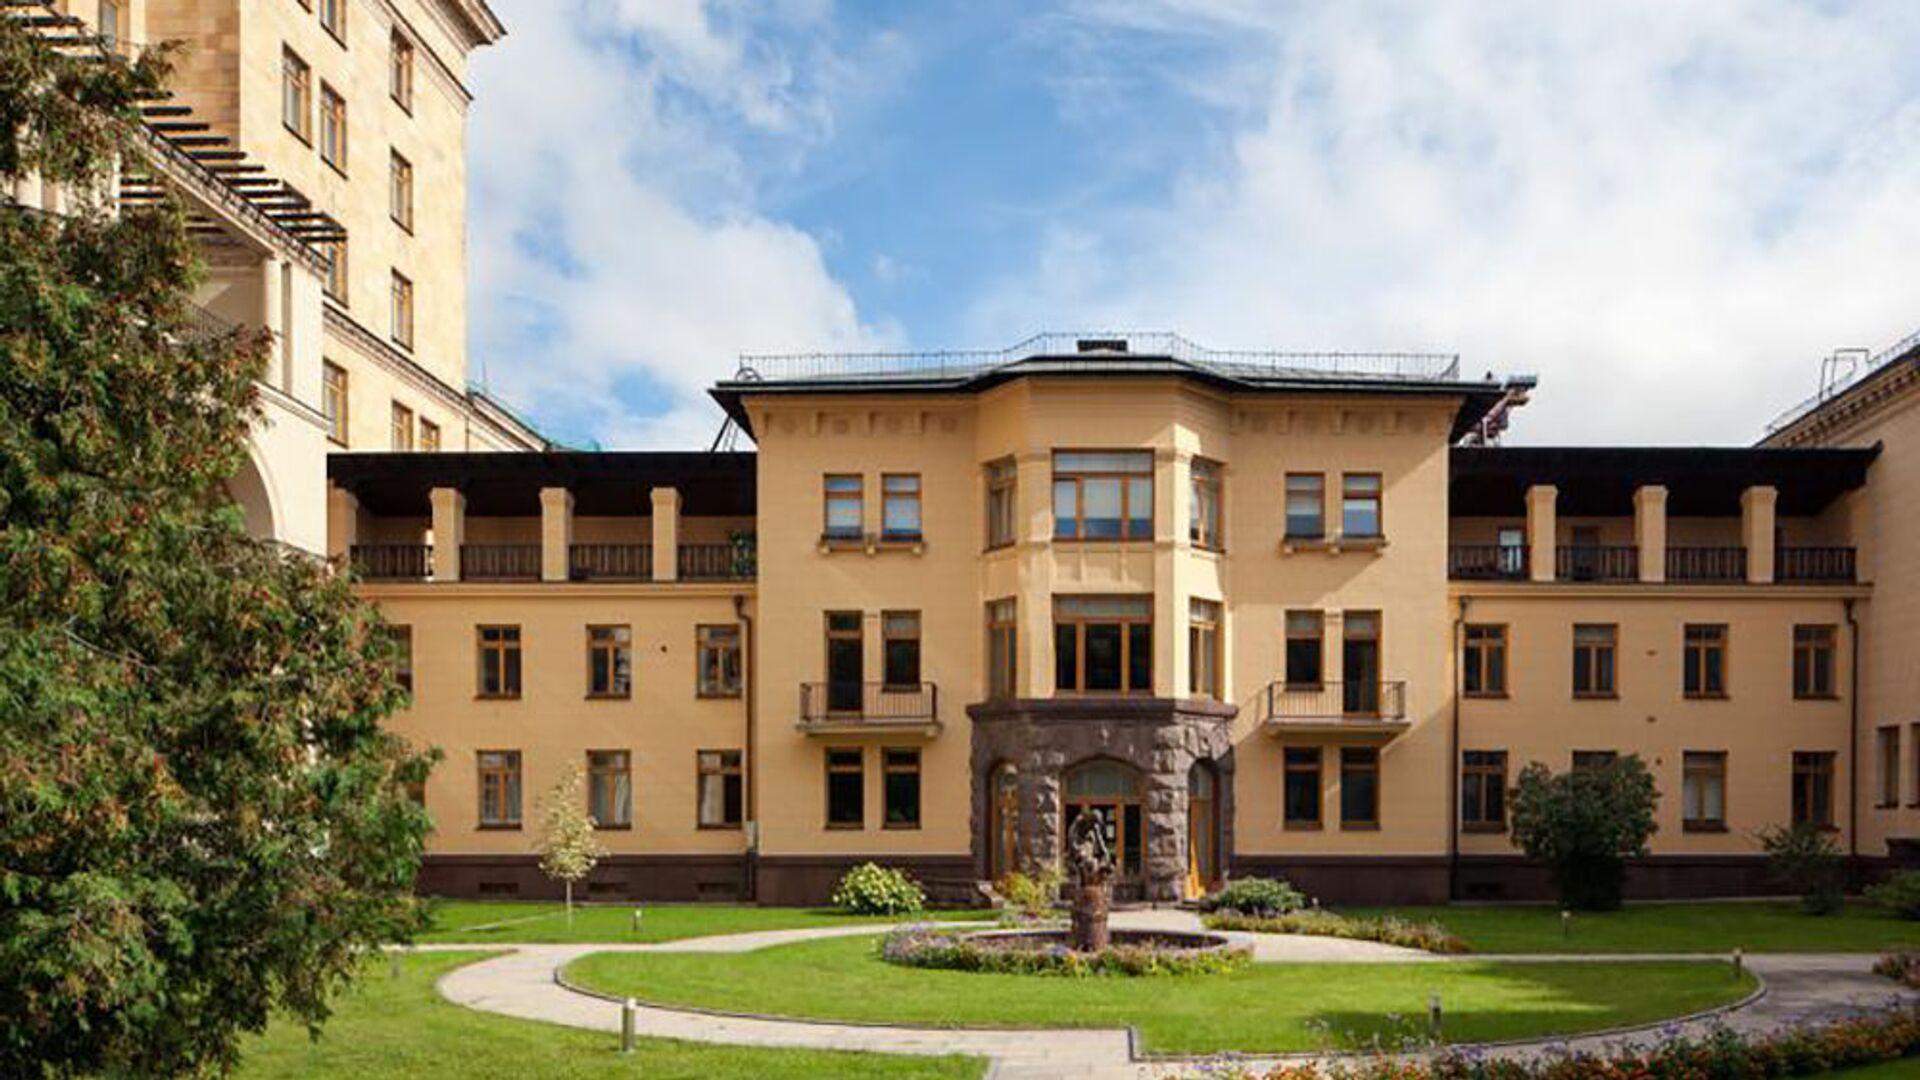 Здание посольства Чехии в Москве - Sputnik Česká republika, 1920, 23.04.2021